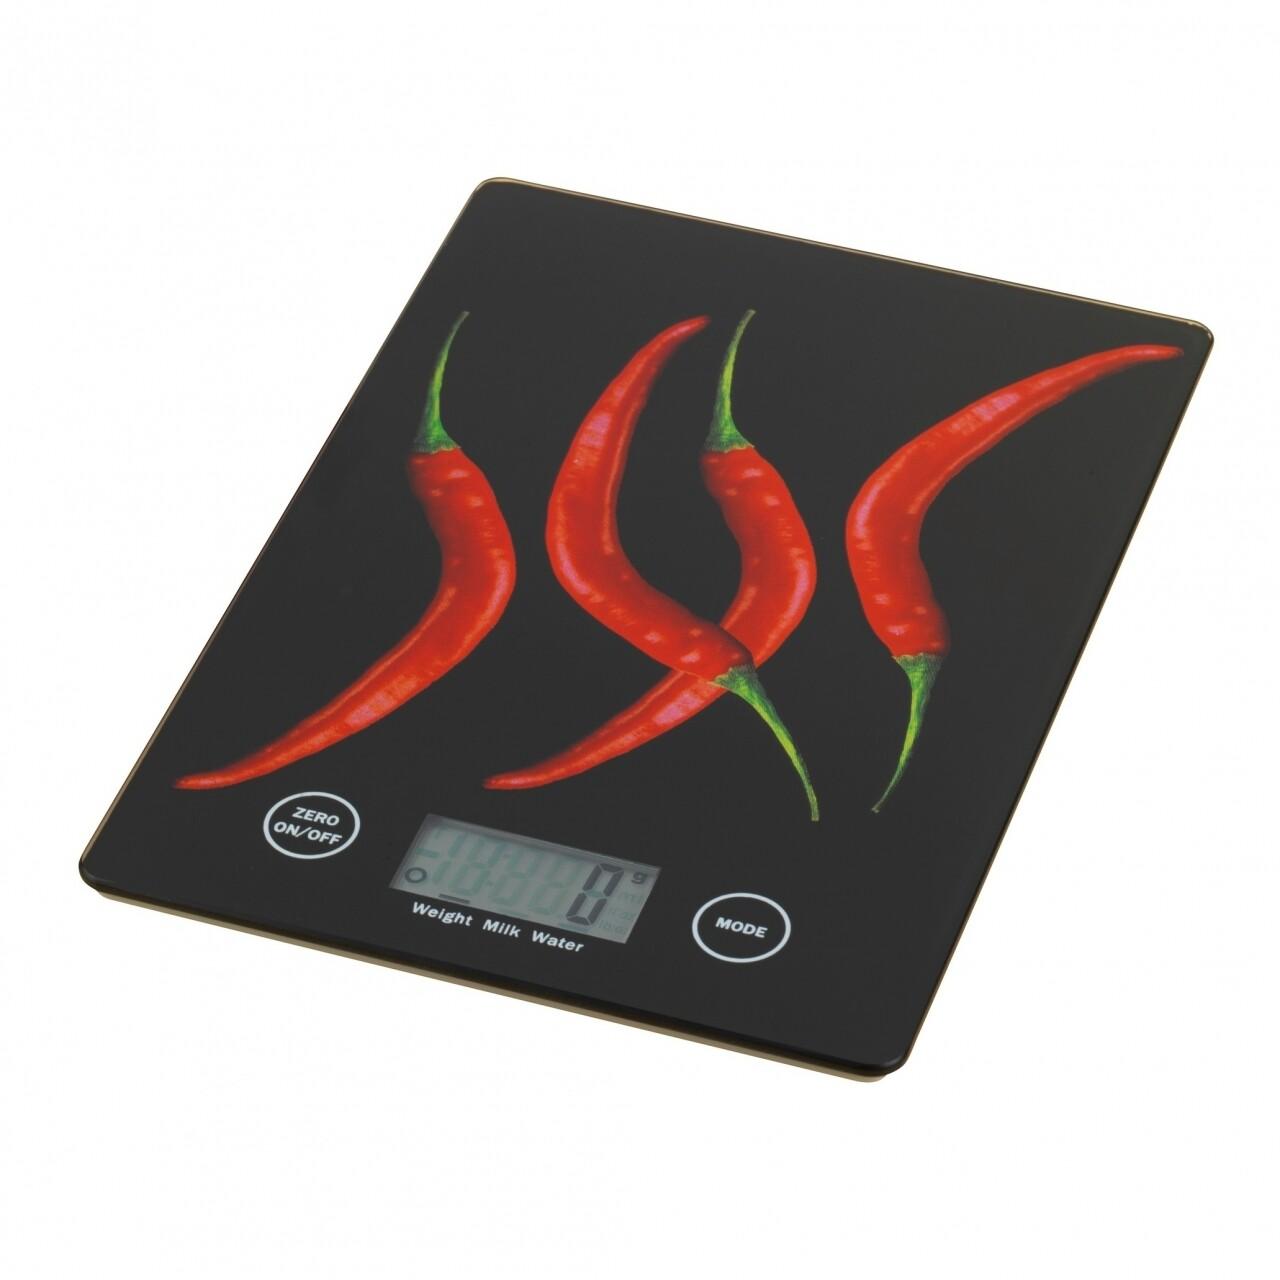 Cantar digital de bucatarie Cafe Pepper, 14 x 19.5 x 1.2 cm, sticla termorezistenta, bej